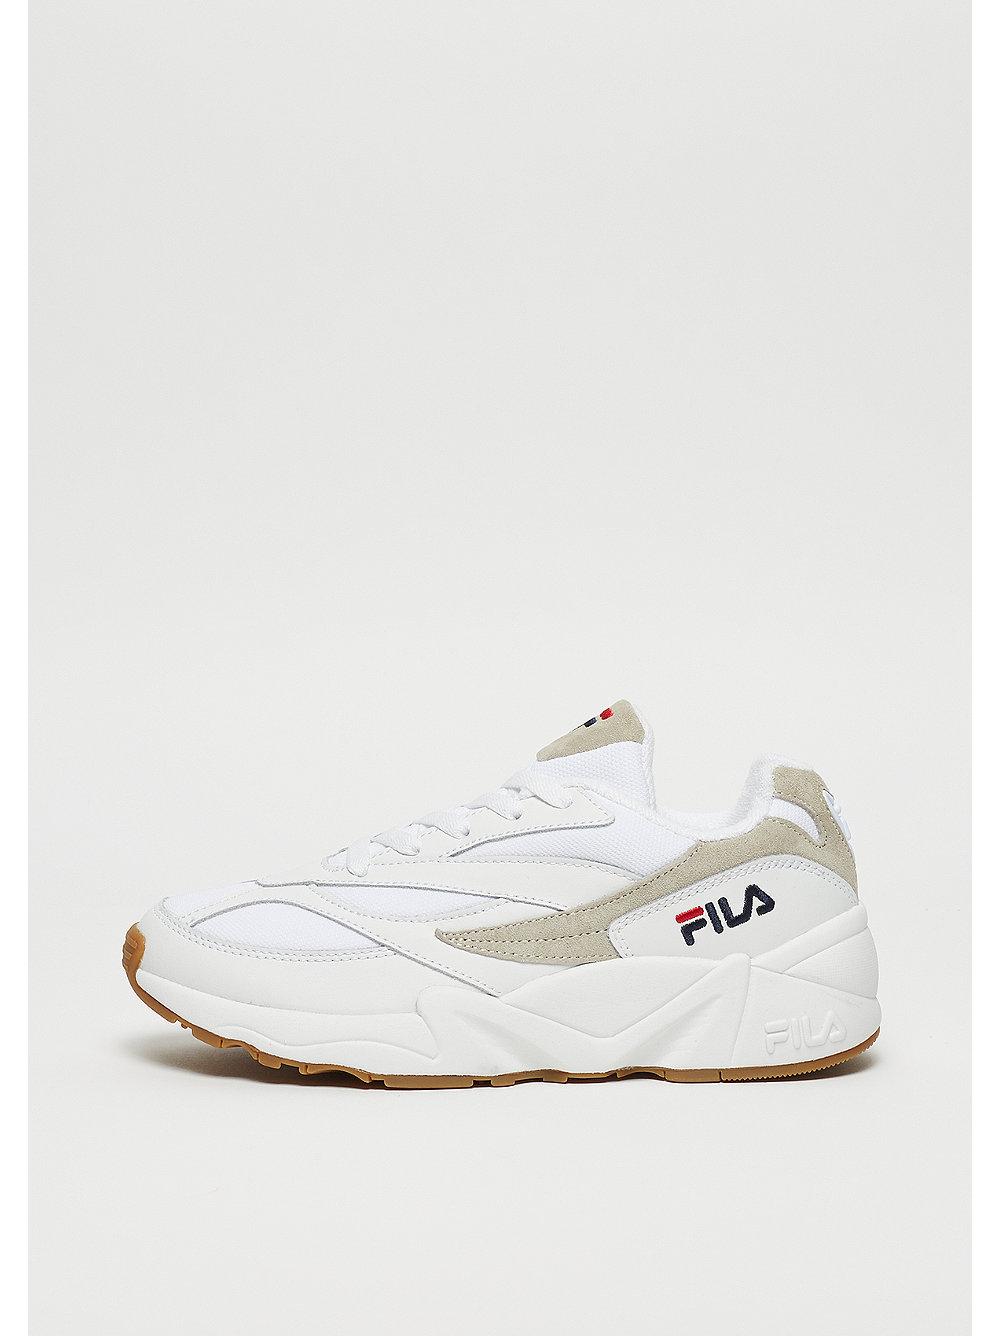 Fila FILA 94 Low Wmn White